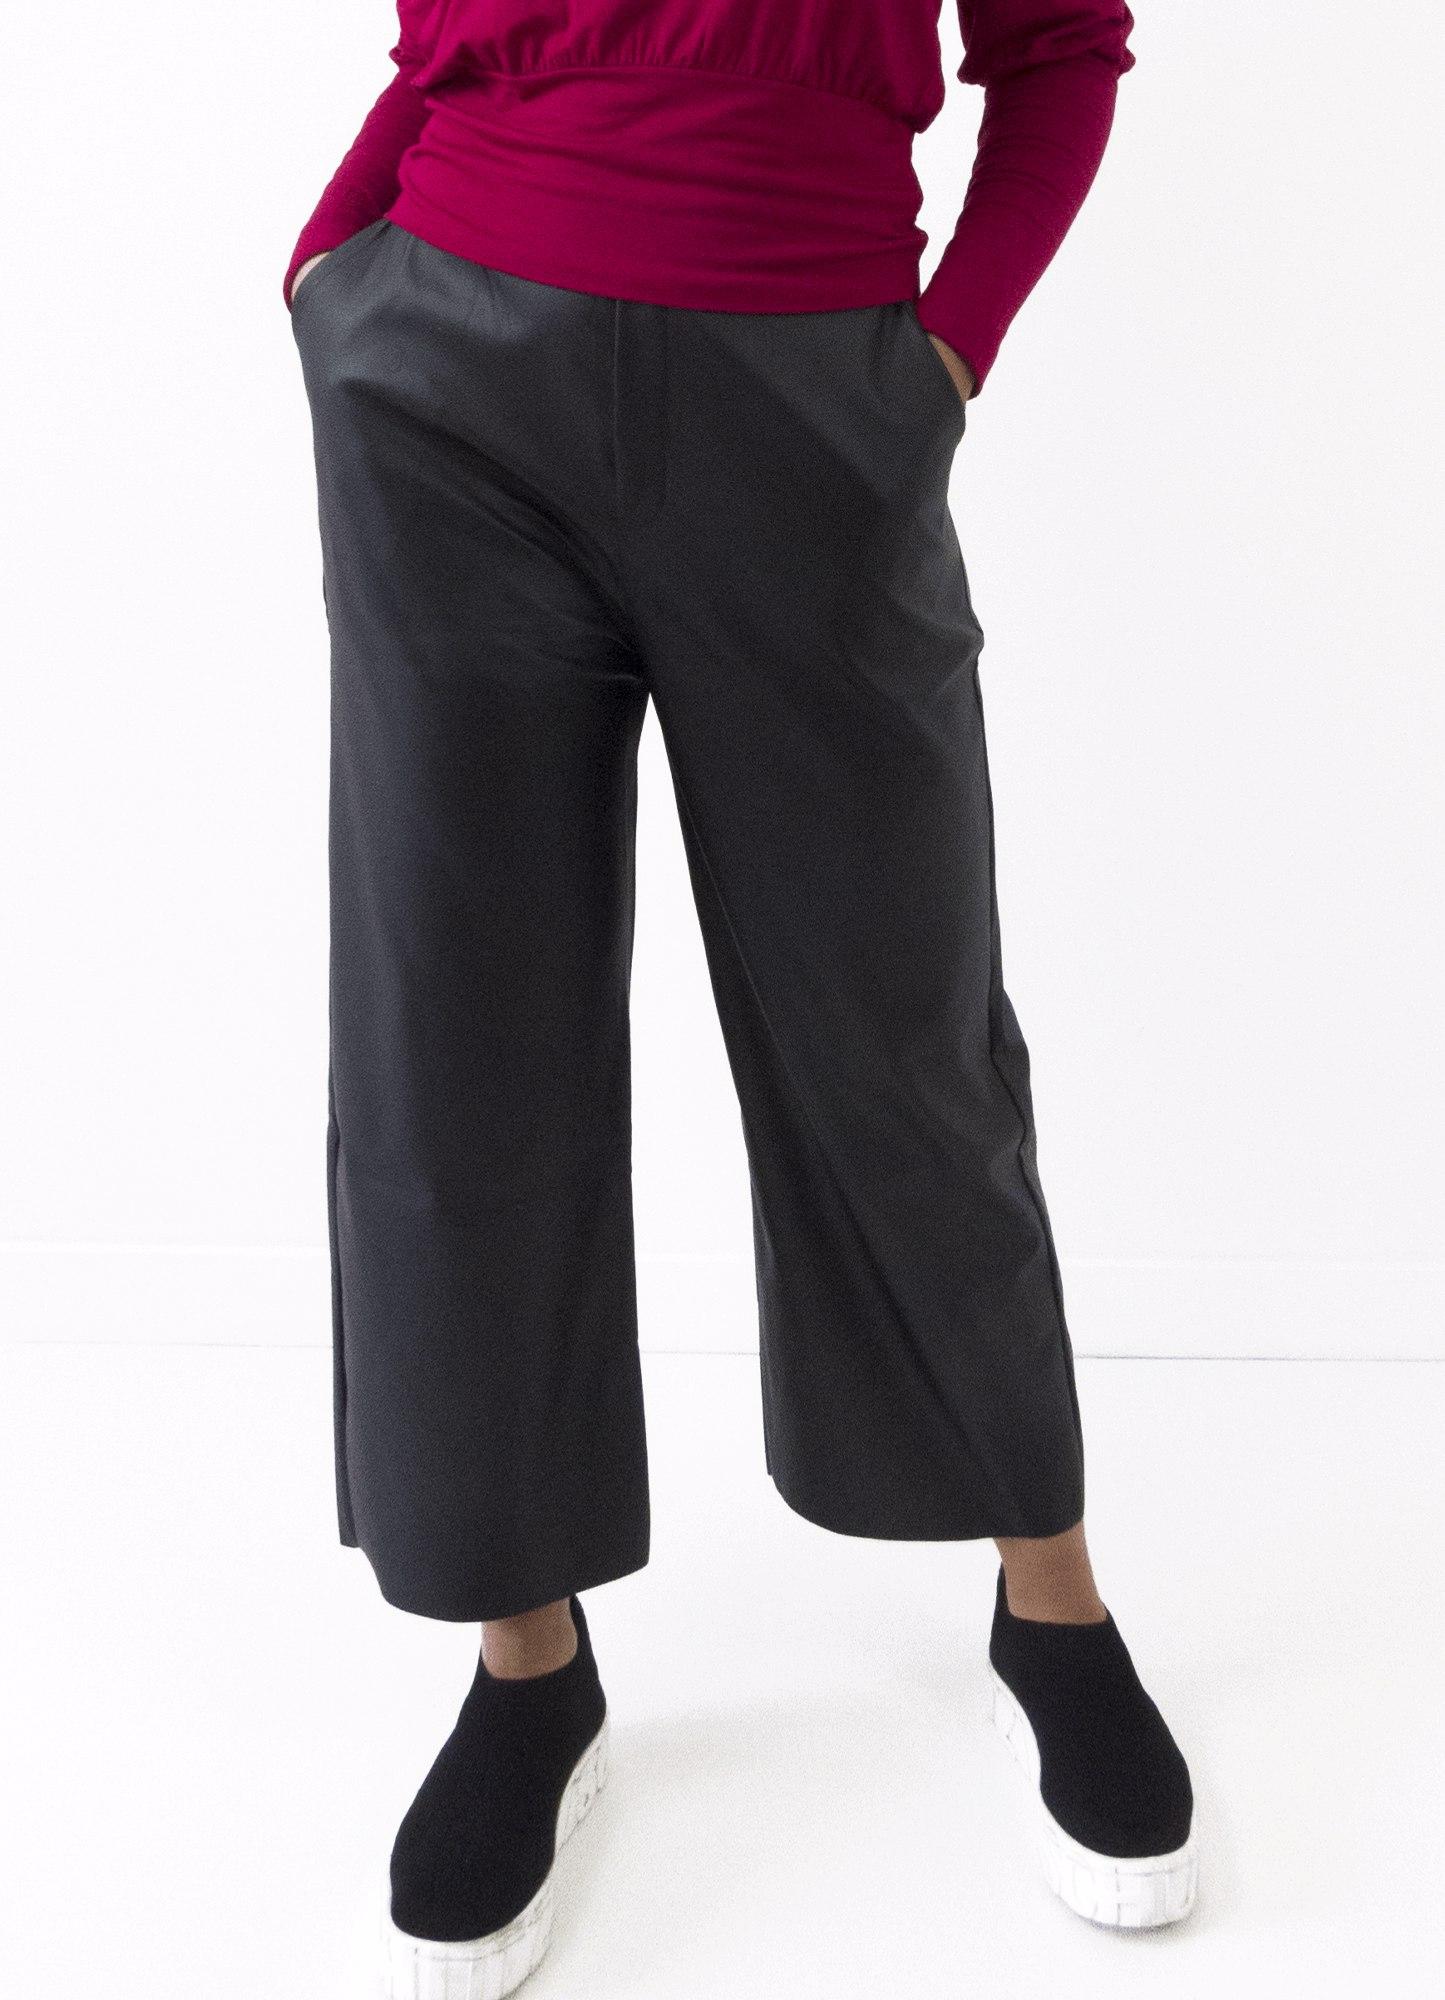 Calça Pantacourt Feminina Couro Fake Preta Cós com Elástico Bolso na Frente